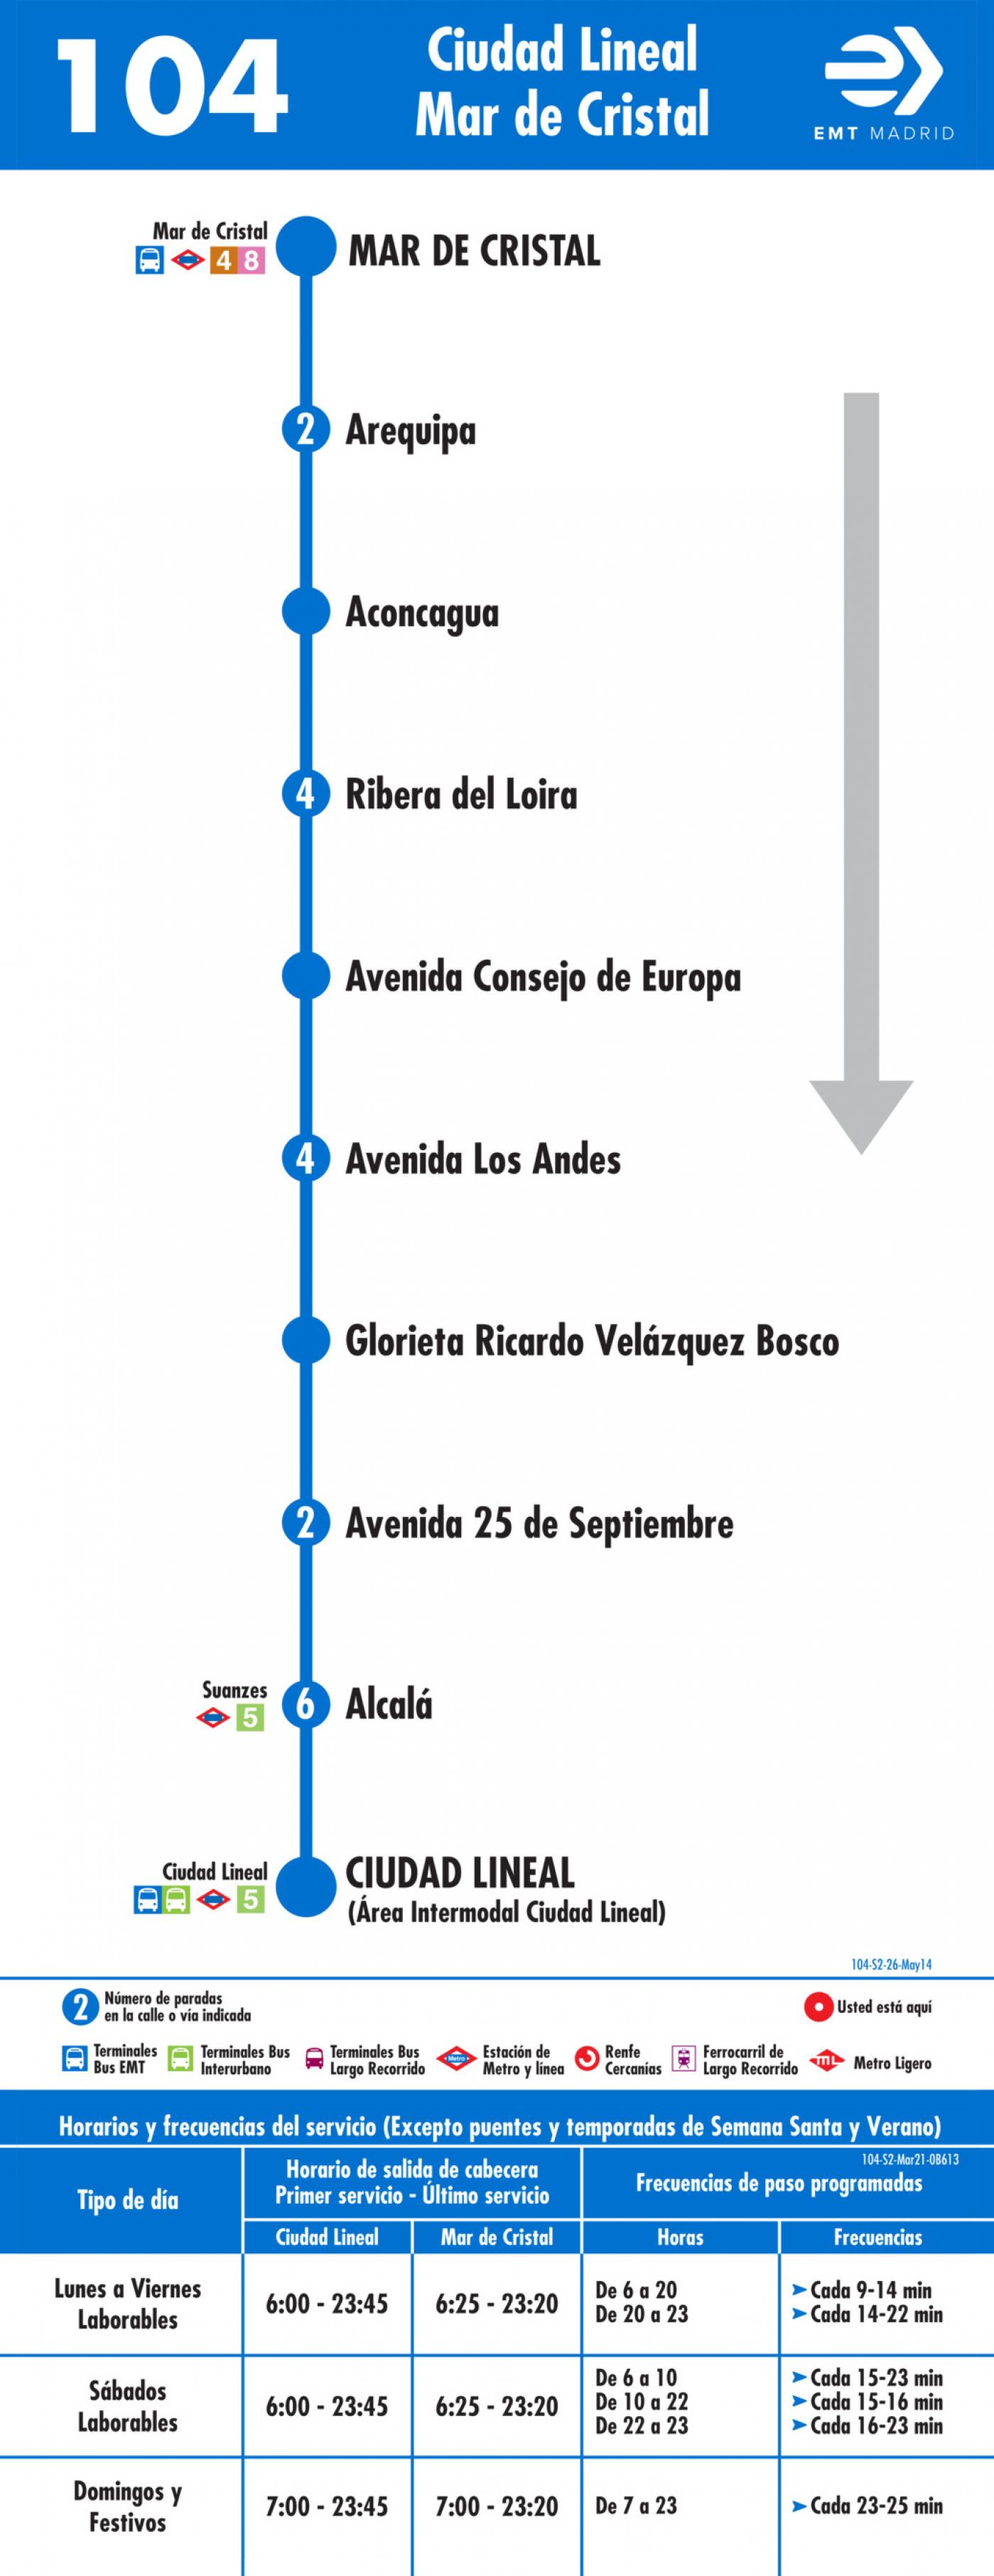 Tabla de horarios y frecuencias de paso en sentido vuelta Línea 104: Plaza de Ciudad Lineal - Mar de Cristal